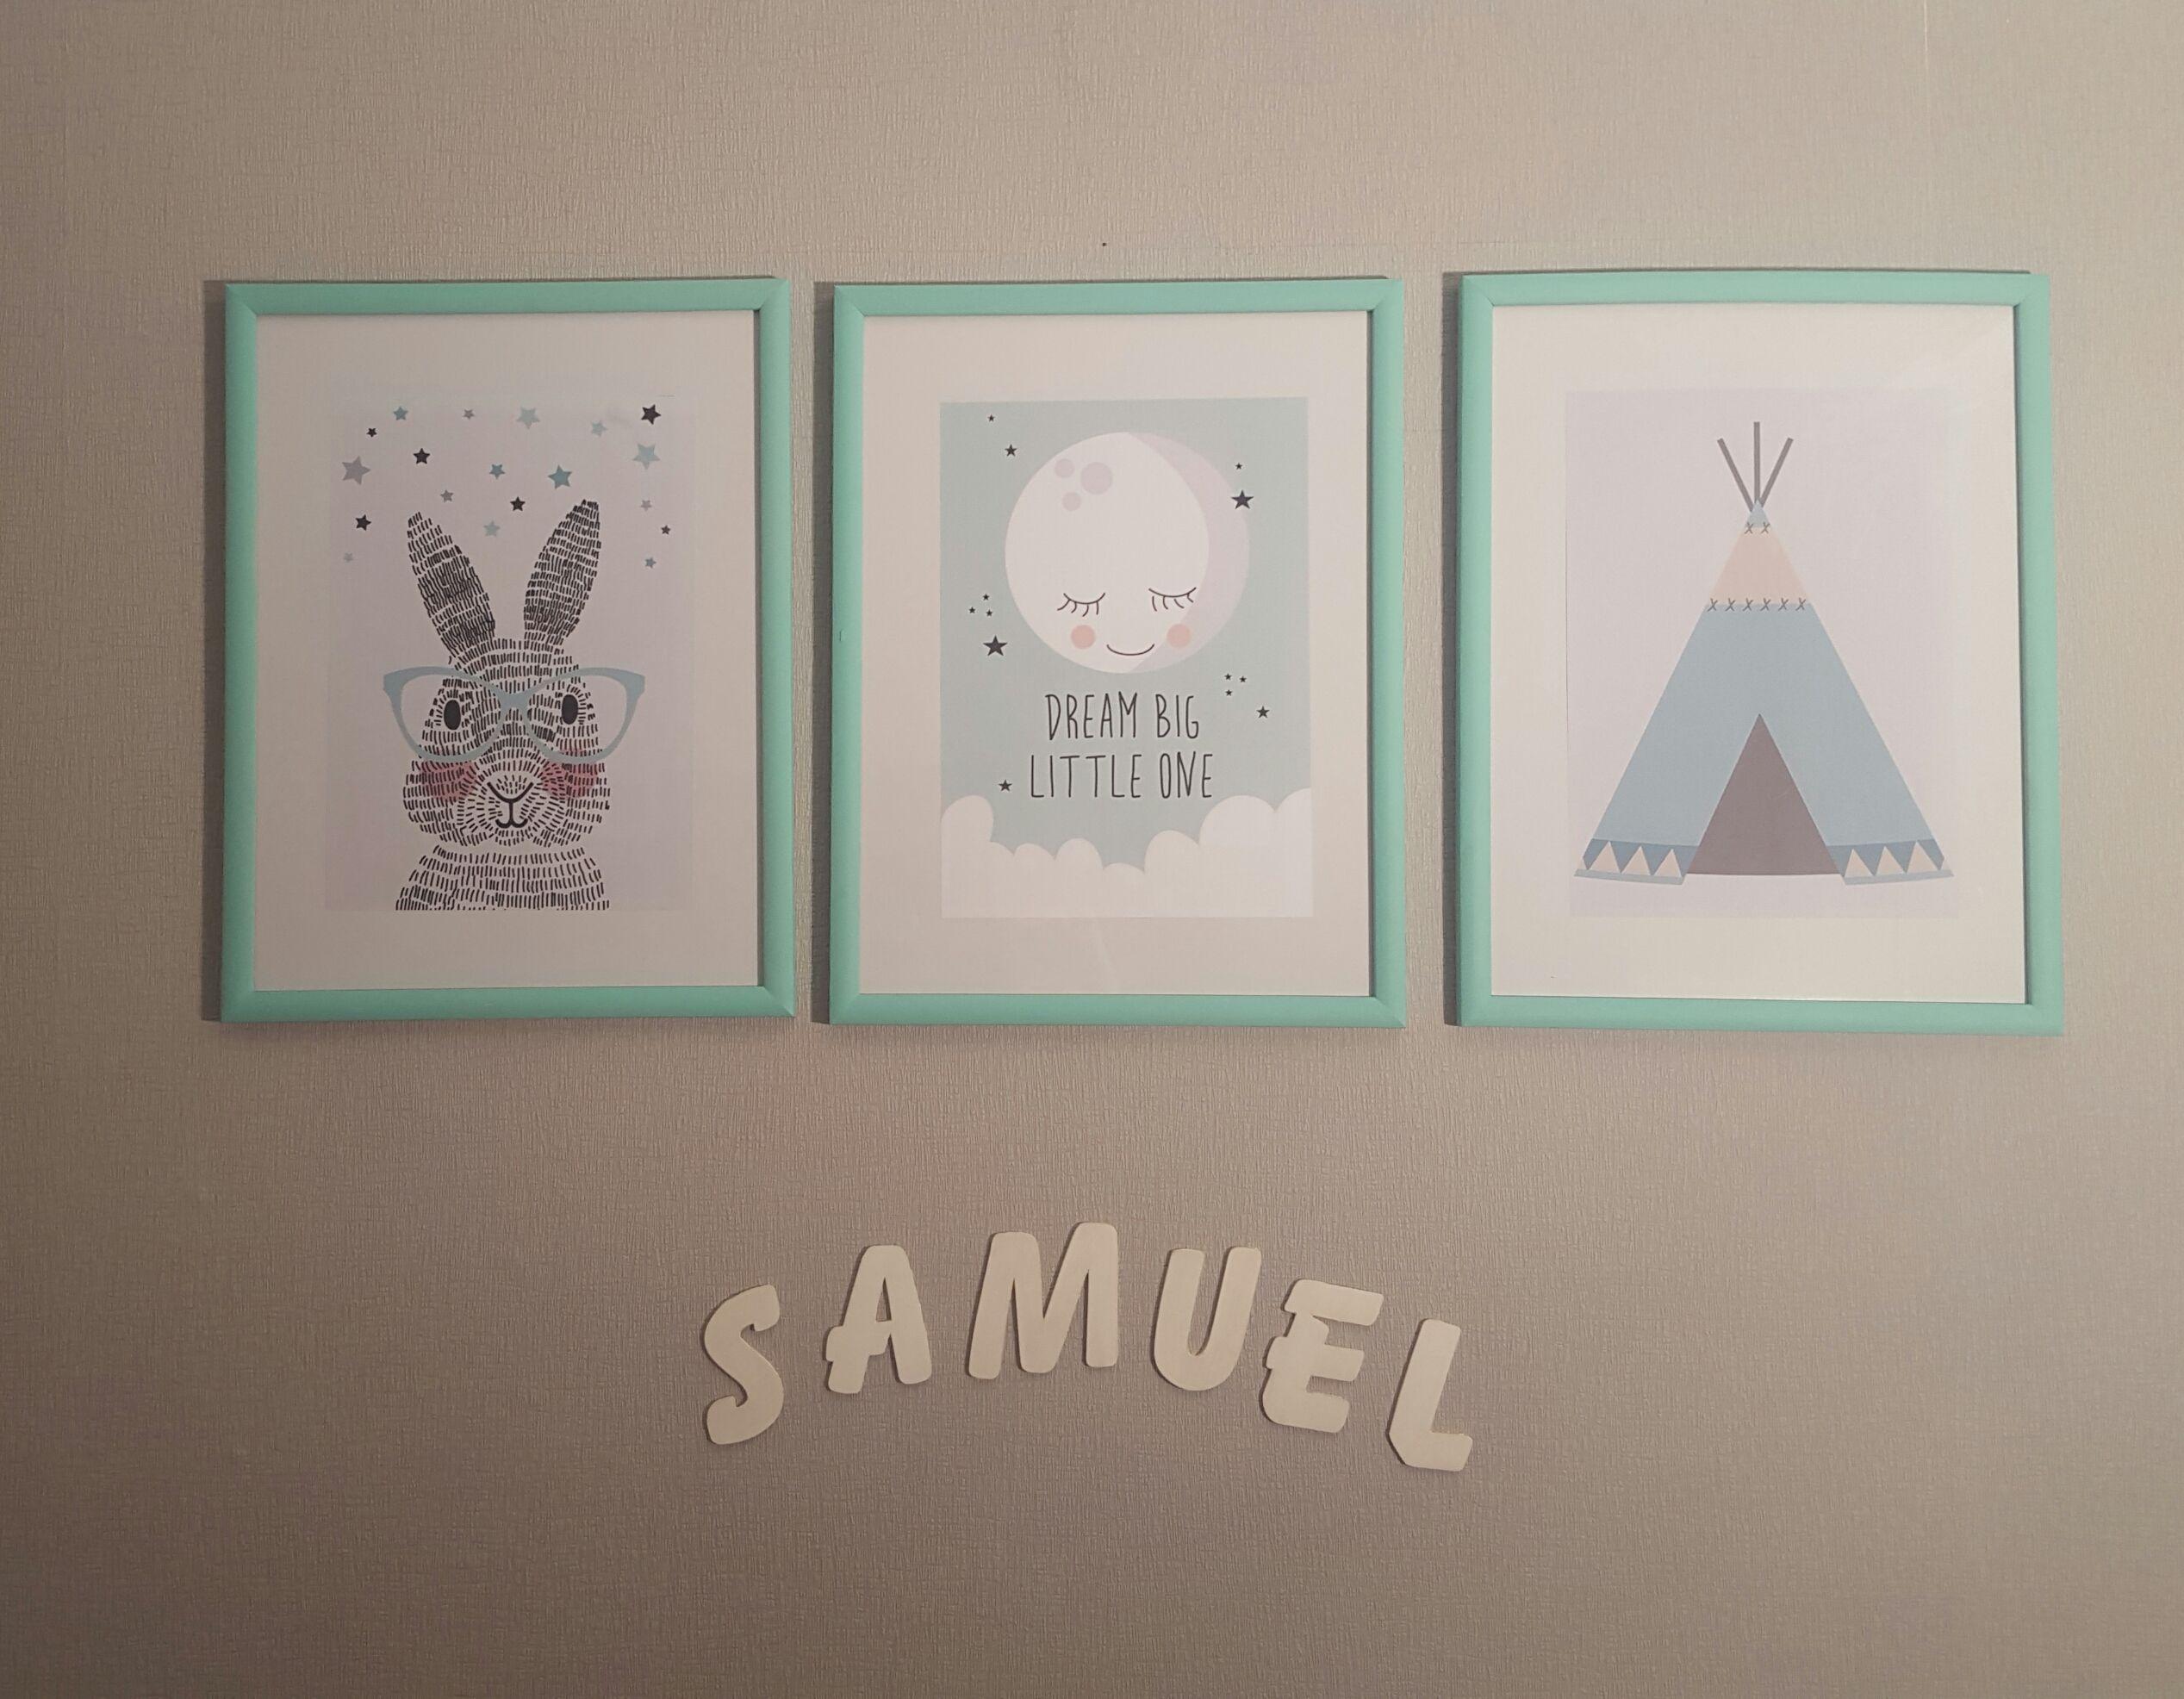 Baby Junge Kinderzimmer Babyzimmer Bilder Wandbilder Hase Mond Dream Big Little One Mint Und Grau